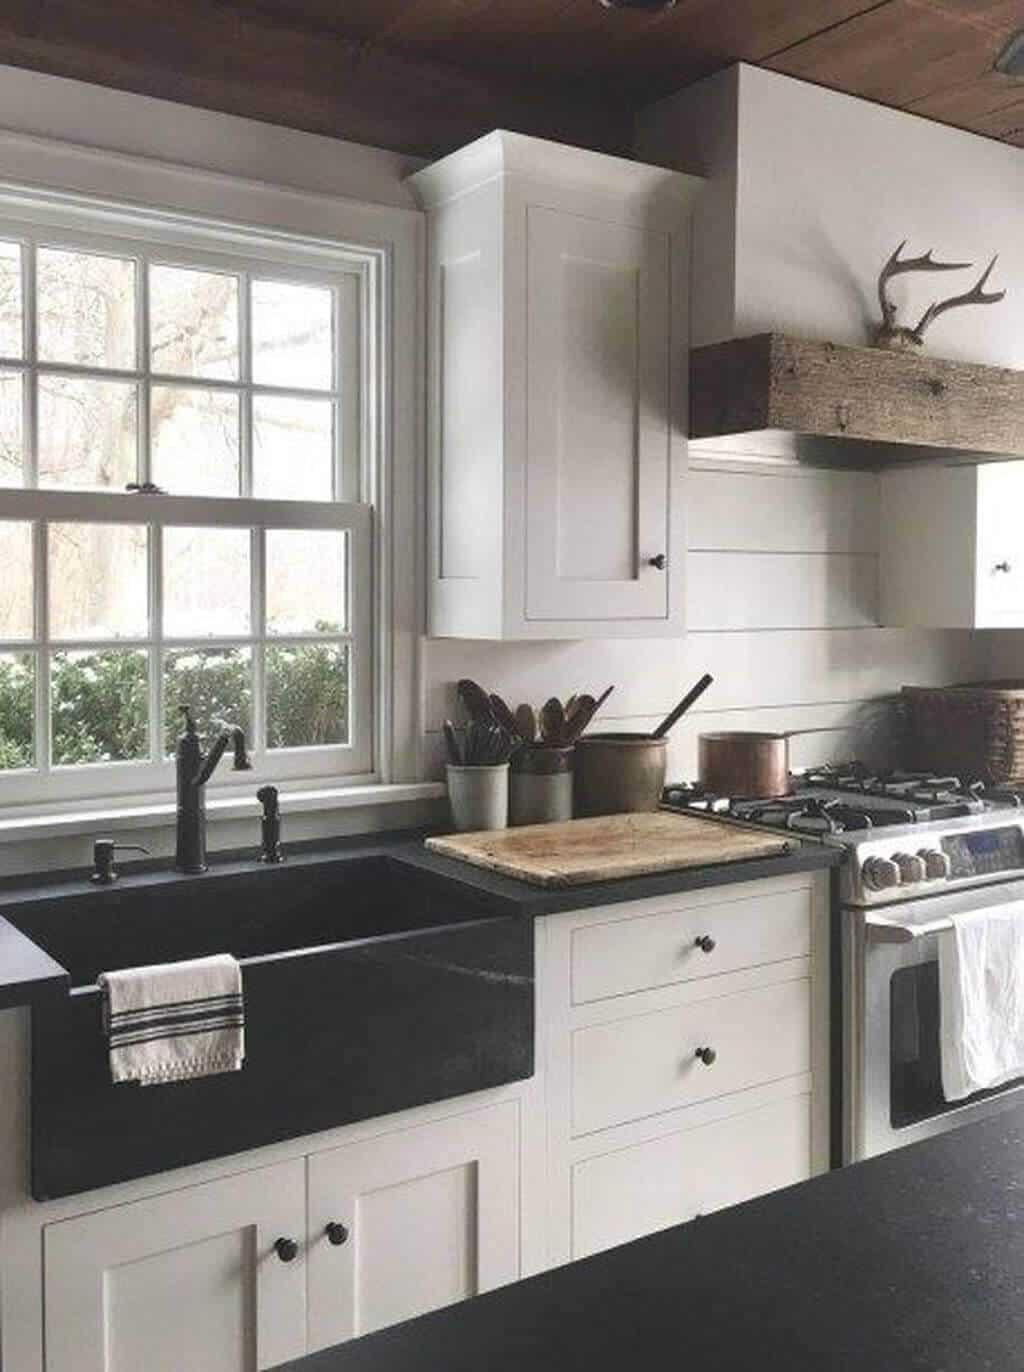 27 Great Farmhouse Kitchen Sink Ideas on Farmhouse Kitchen Sink Ideas  id=42087